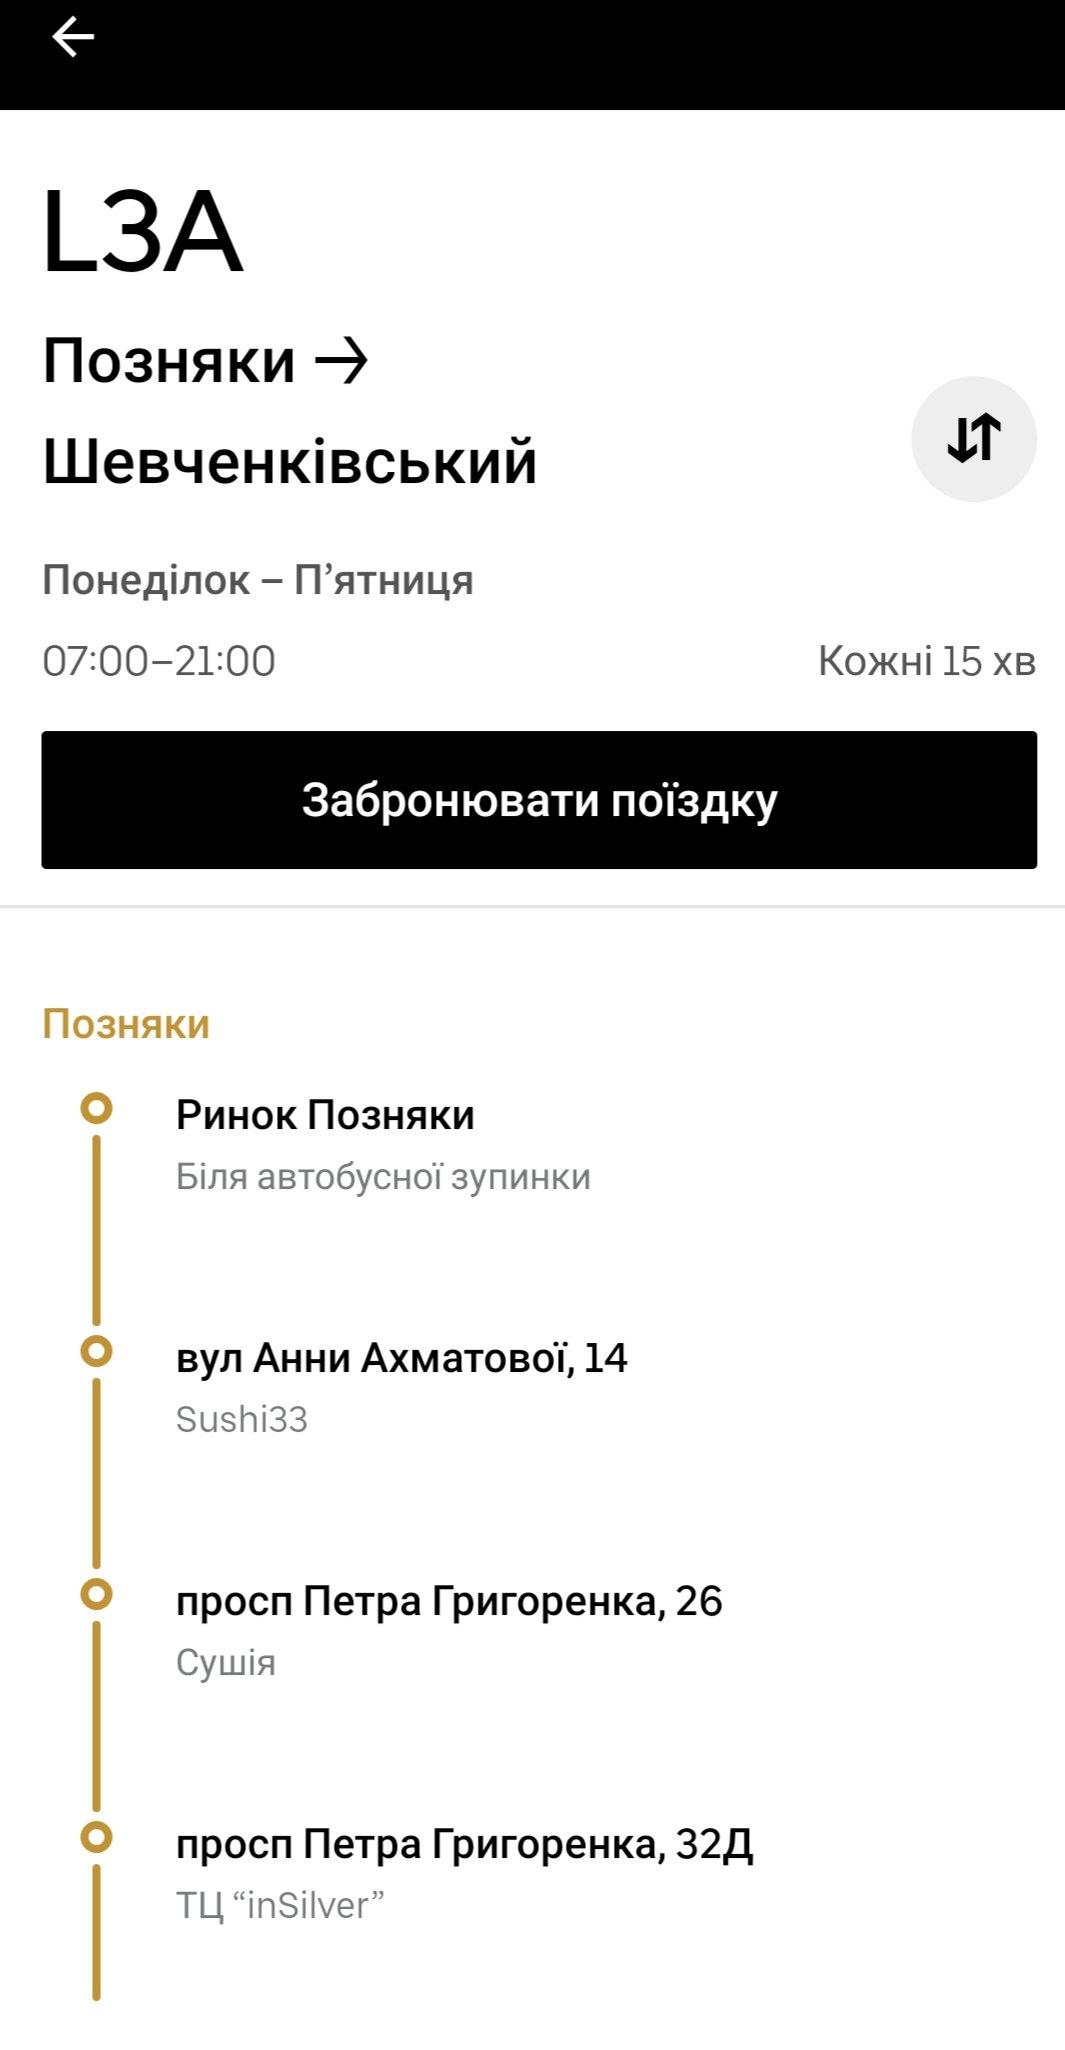 """Маршрутки Киева: где ездят, как работают и сколько стоит проезд в автобусах """"Uber Shuttle"""", фото-1"""